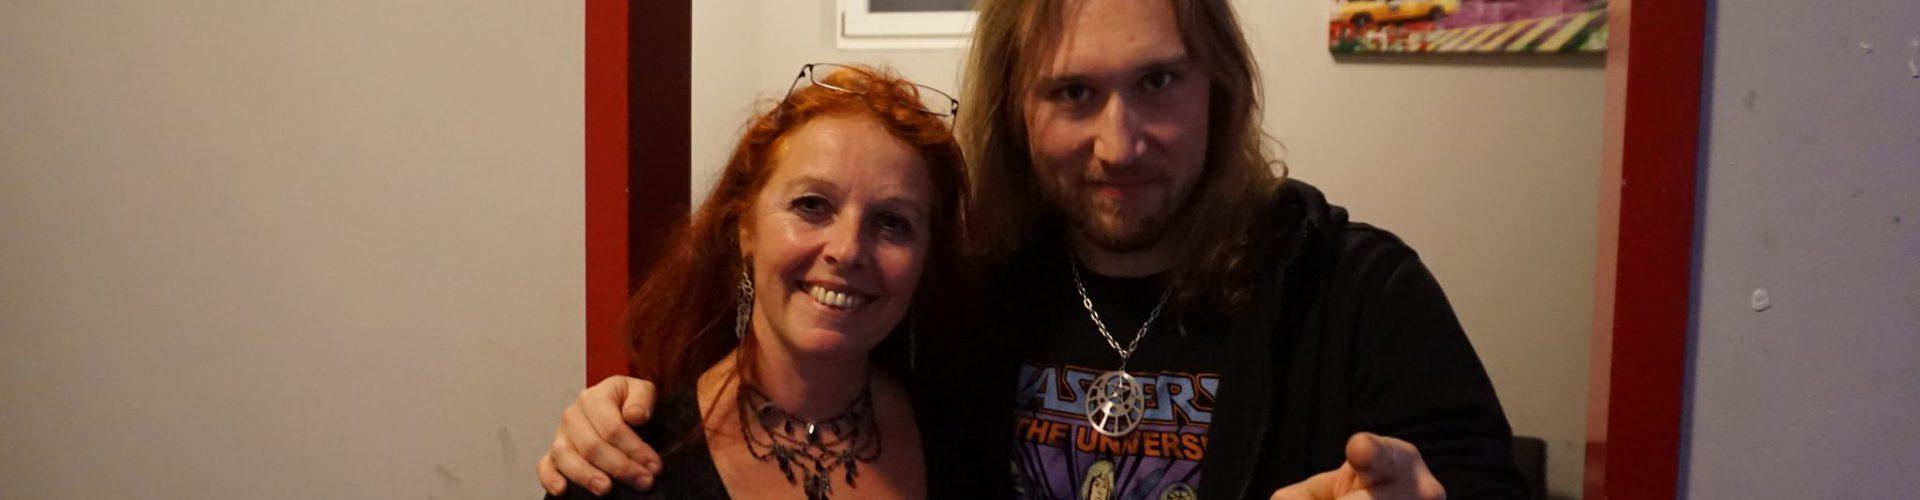 INTERVIEW mit Gitarrist ANTON KABANEN von BEAST IN BLACK Teil 1